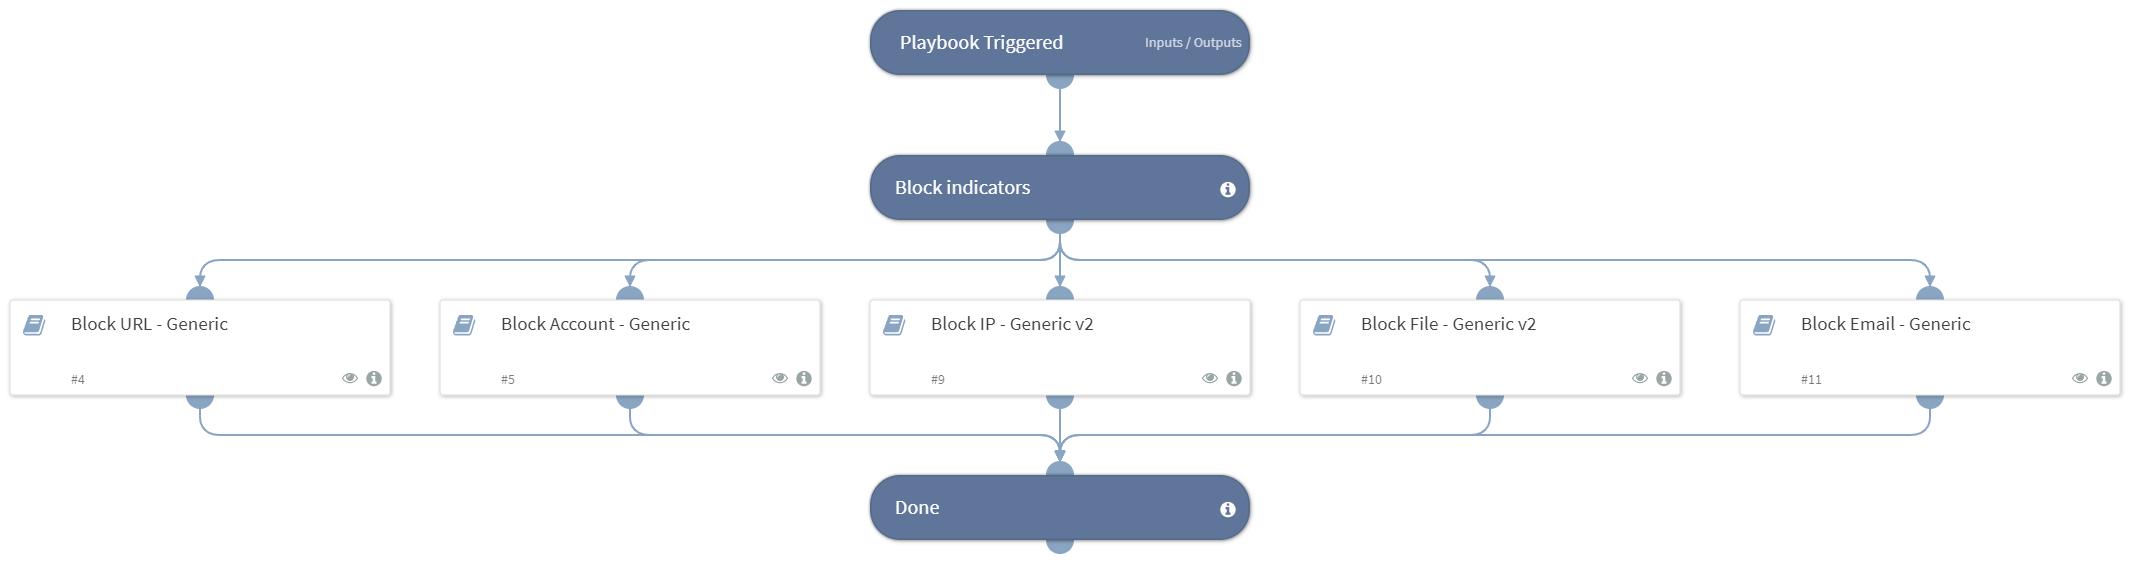 Block Indicators - Generic v2